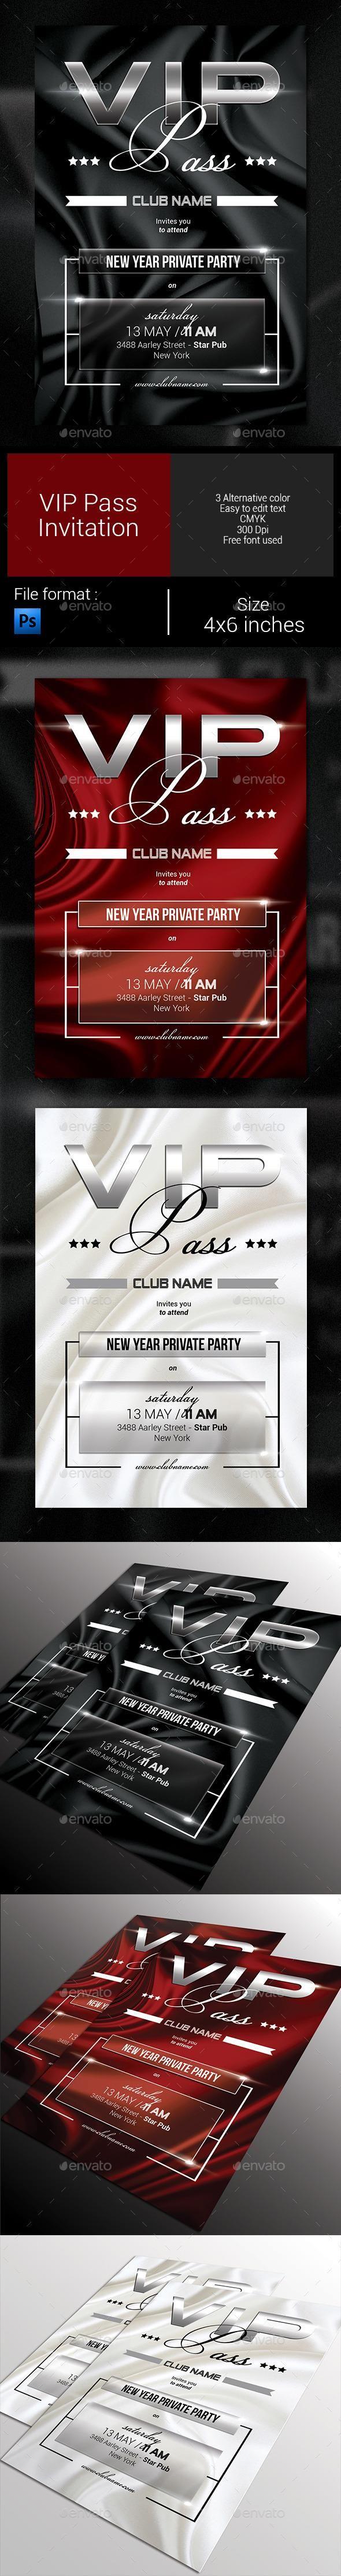 Multipurpose VIP Pass Invitation | Vip pass, Template and Vip card